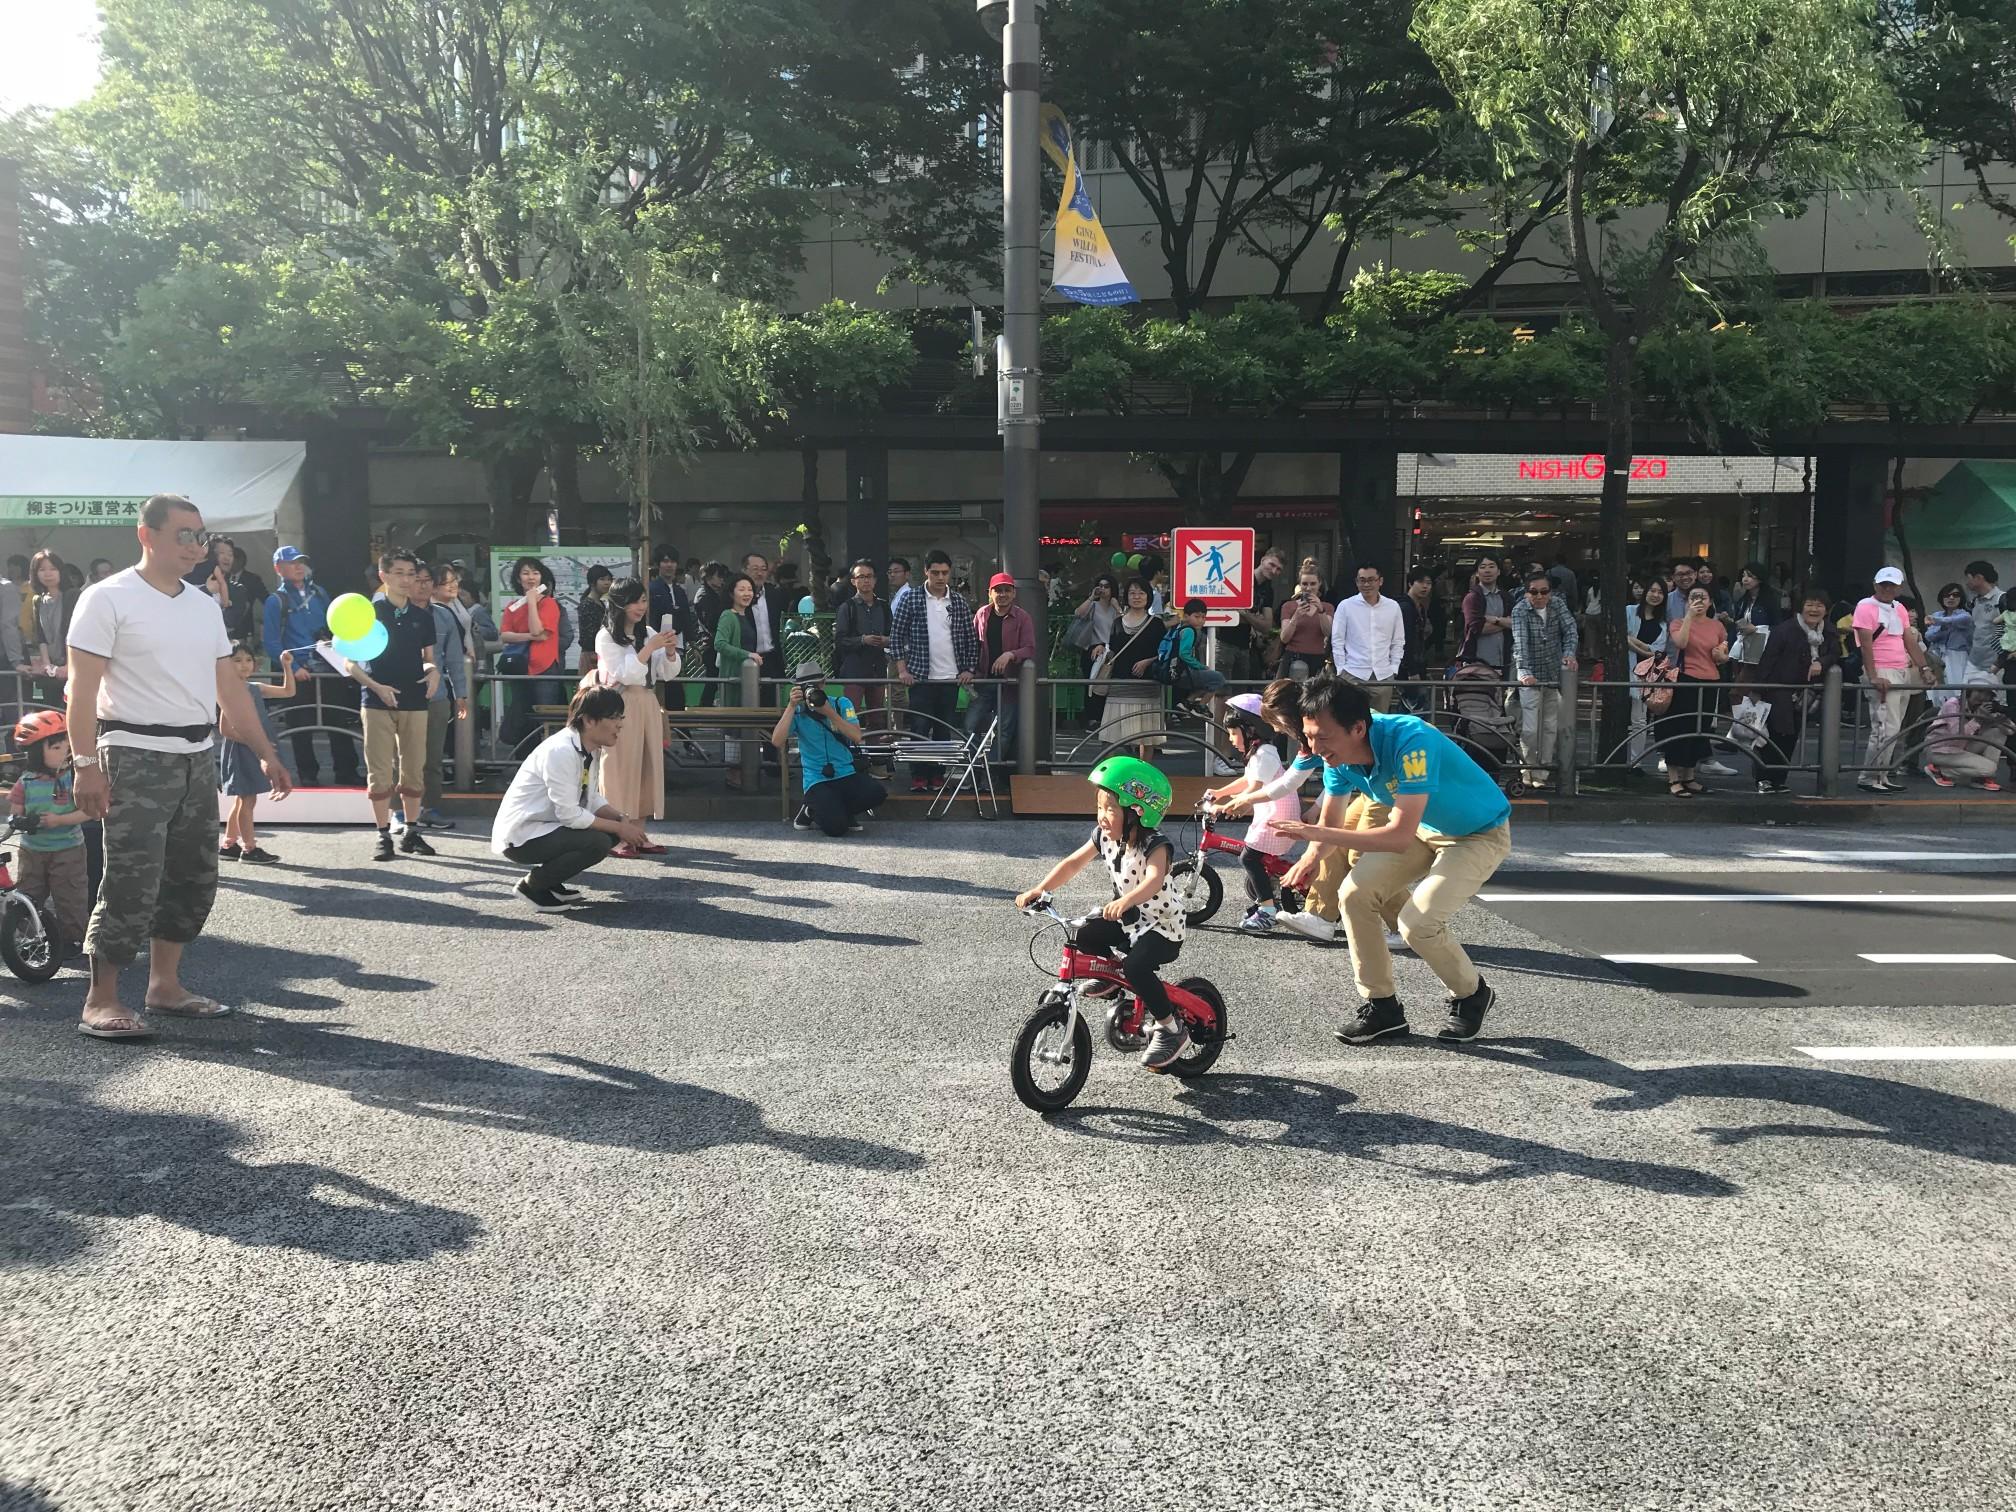 #へんしんバイク #30分で乗れる自転車教室 #銀座 #柳まつり